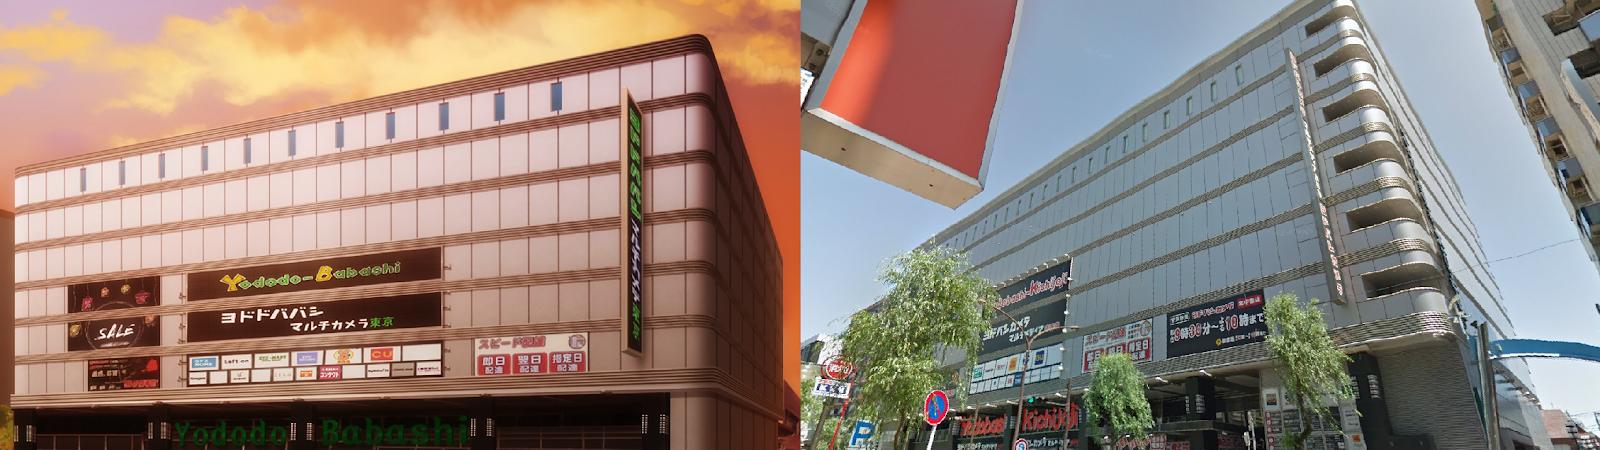 TONIKAWA: Over The Moon For You, anime, real life, pilgrimage